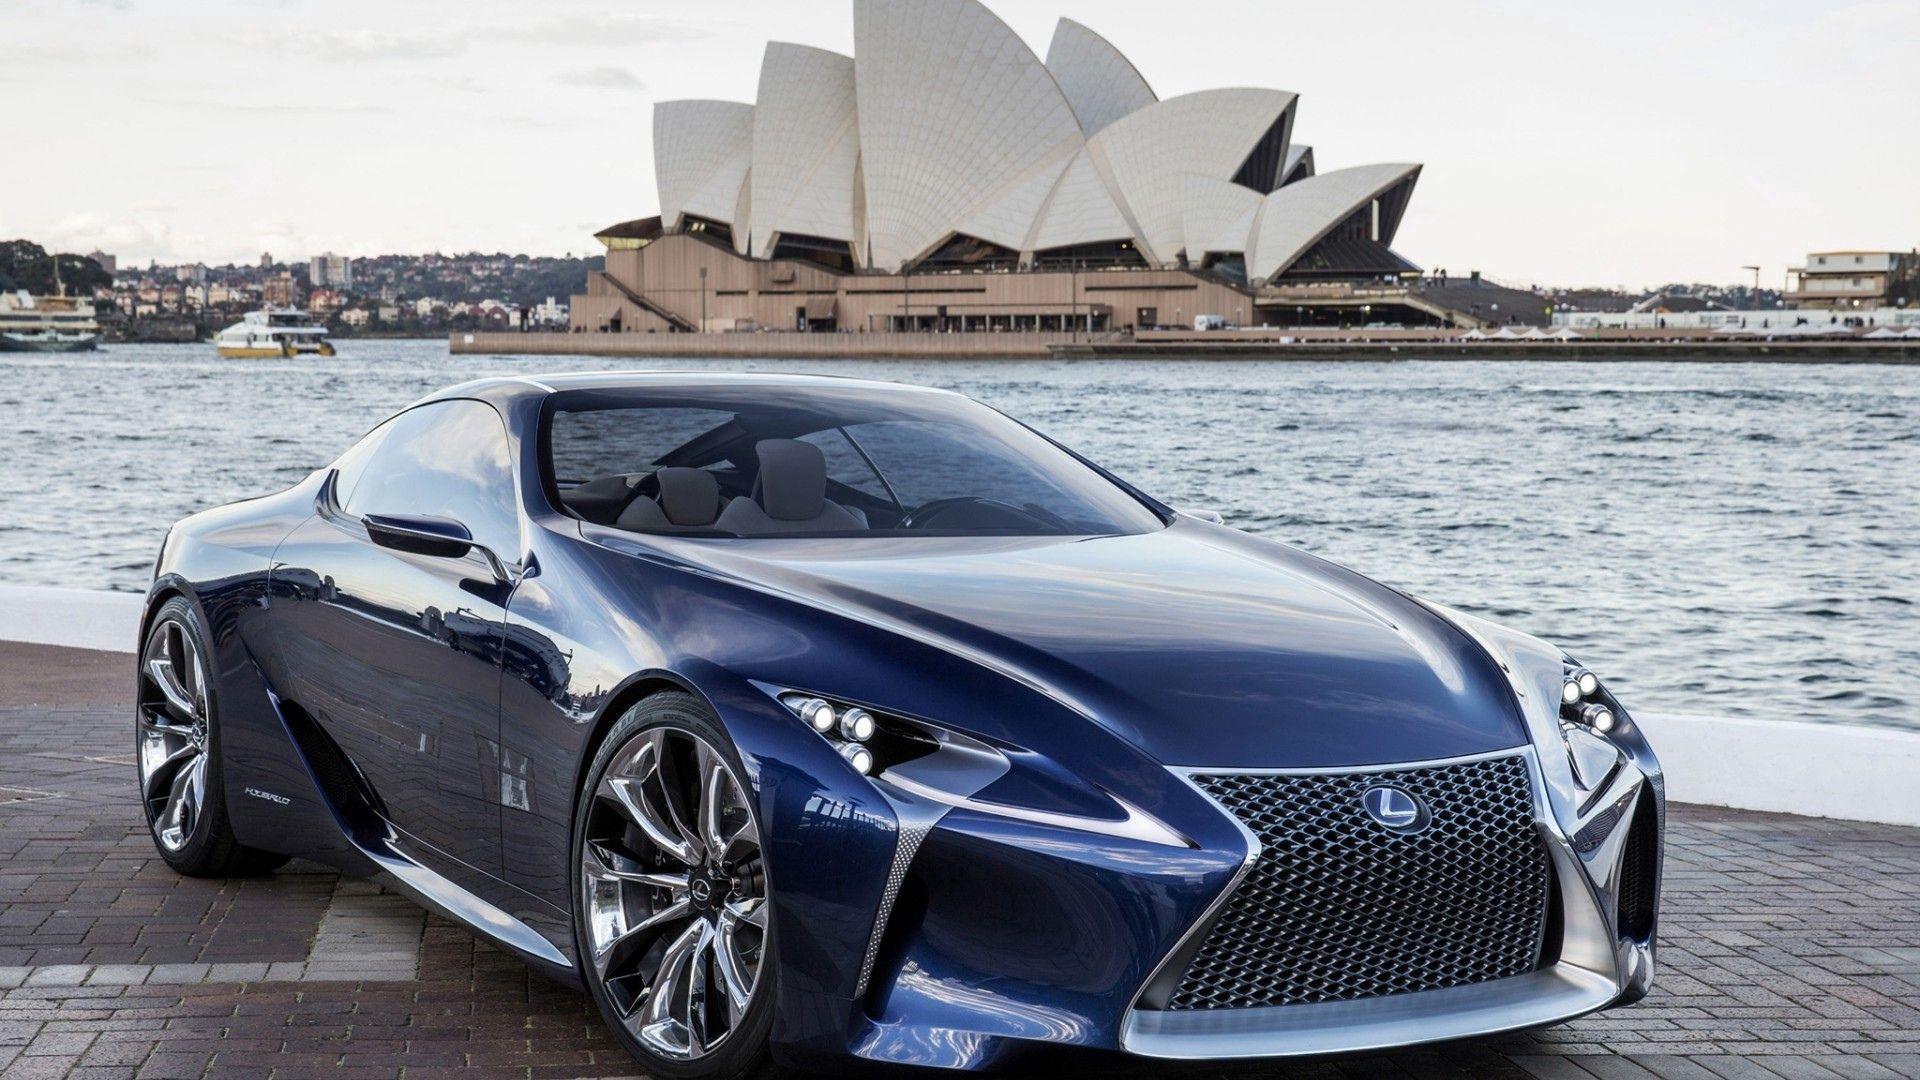 127695 Hintergrundbild herunterladen Lexus, Sydney, Cars, Lf-Lc, Oper, Opera - Bildschirmschoner und Bilder kostenlos